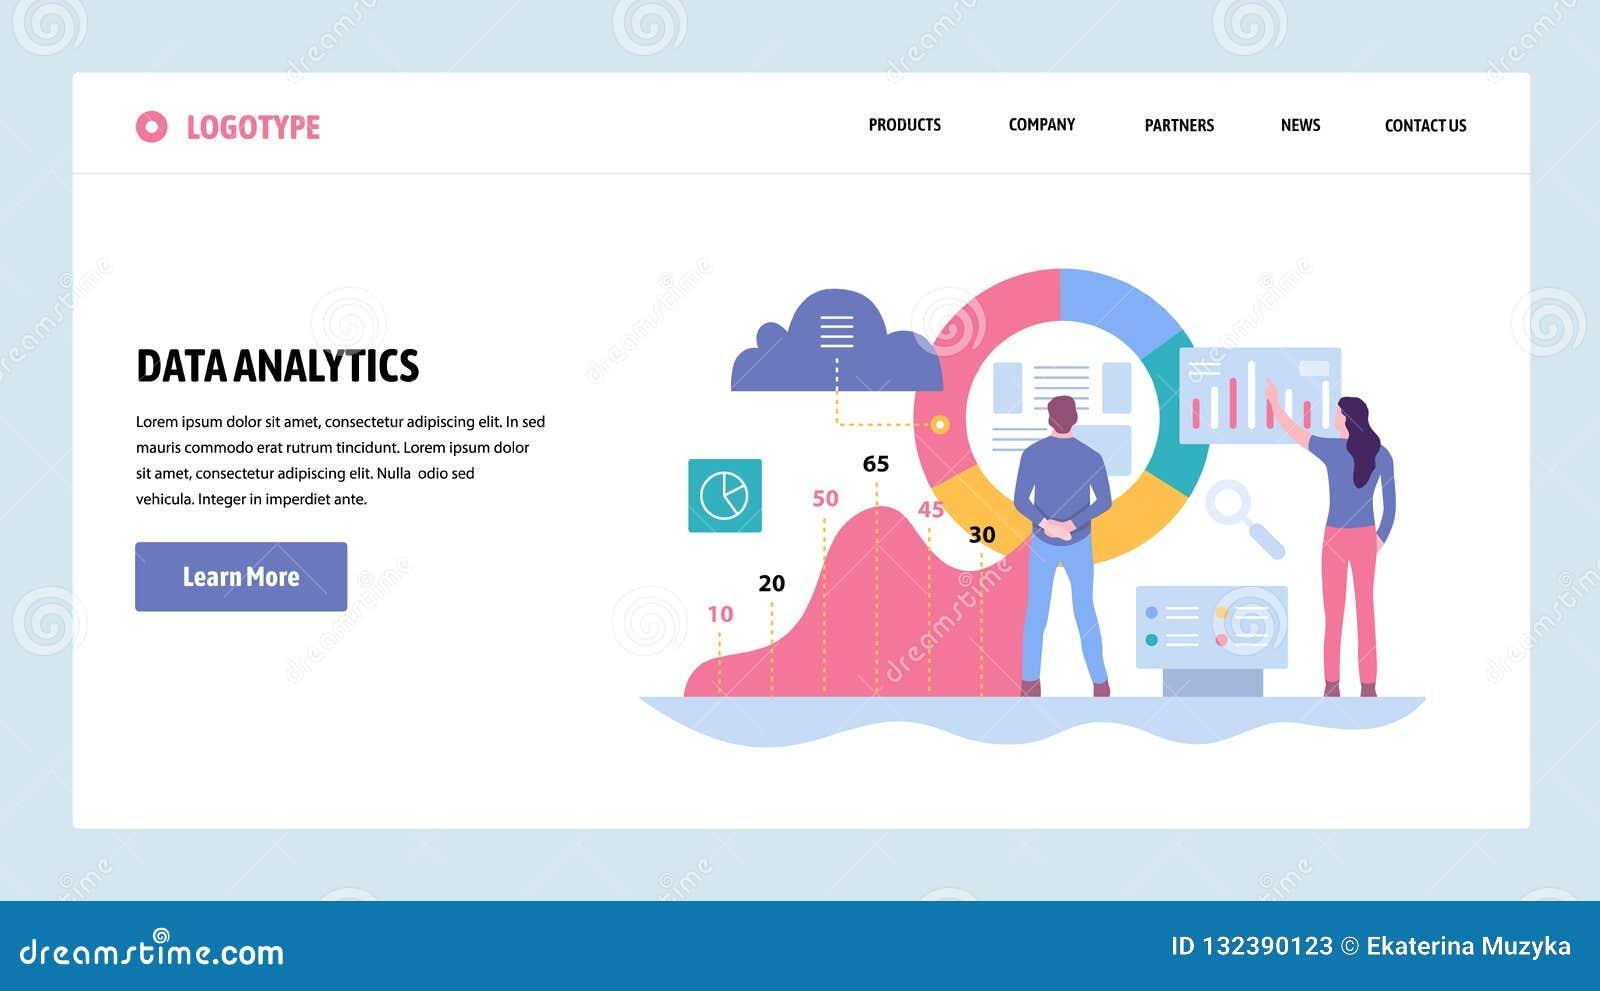 Vektorwebsitesteigungs-Entwurfsschablone Daten Analytics, Armaturenbrett und Geschäftsfinanzbericht Landungsseitenkonzepte